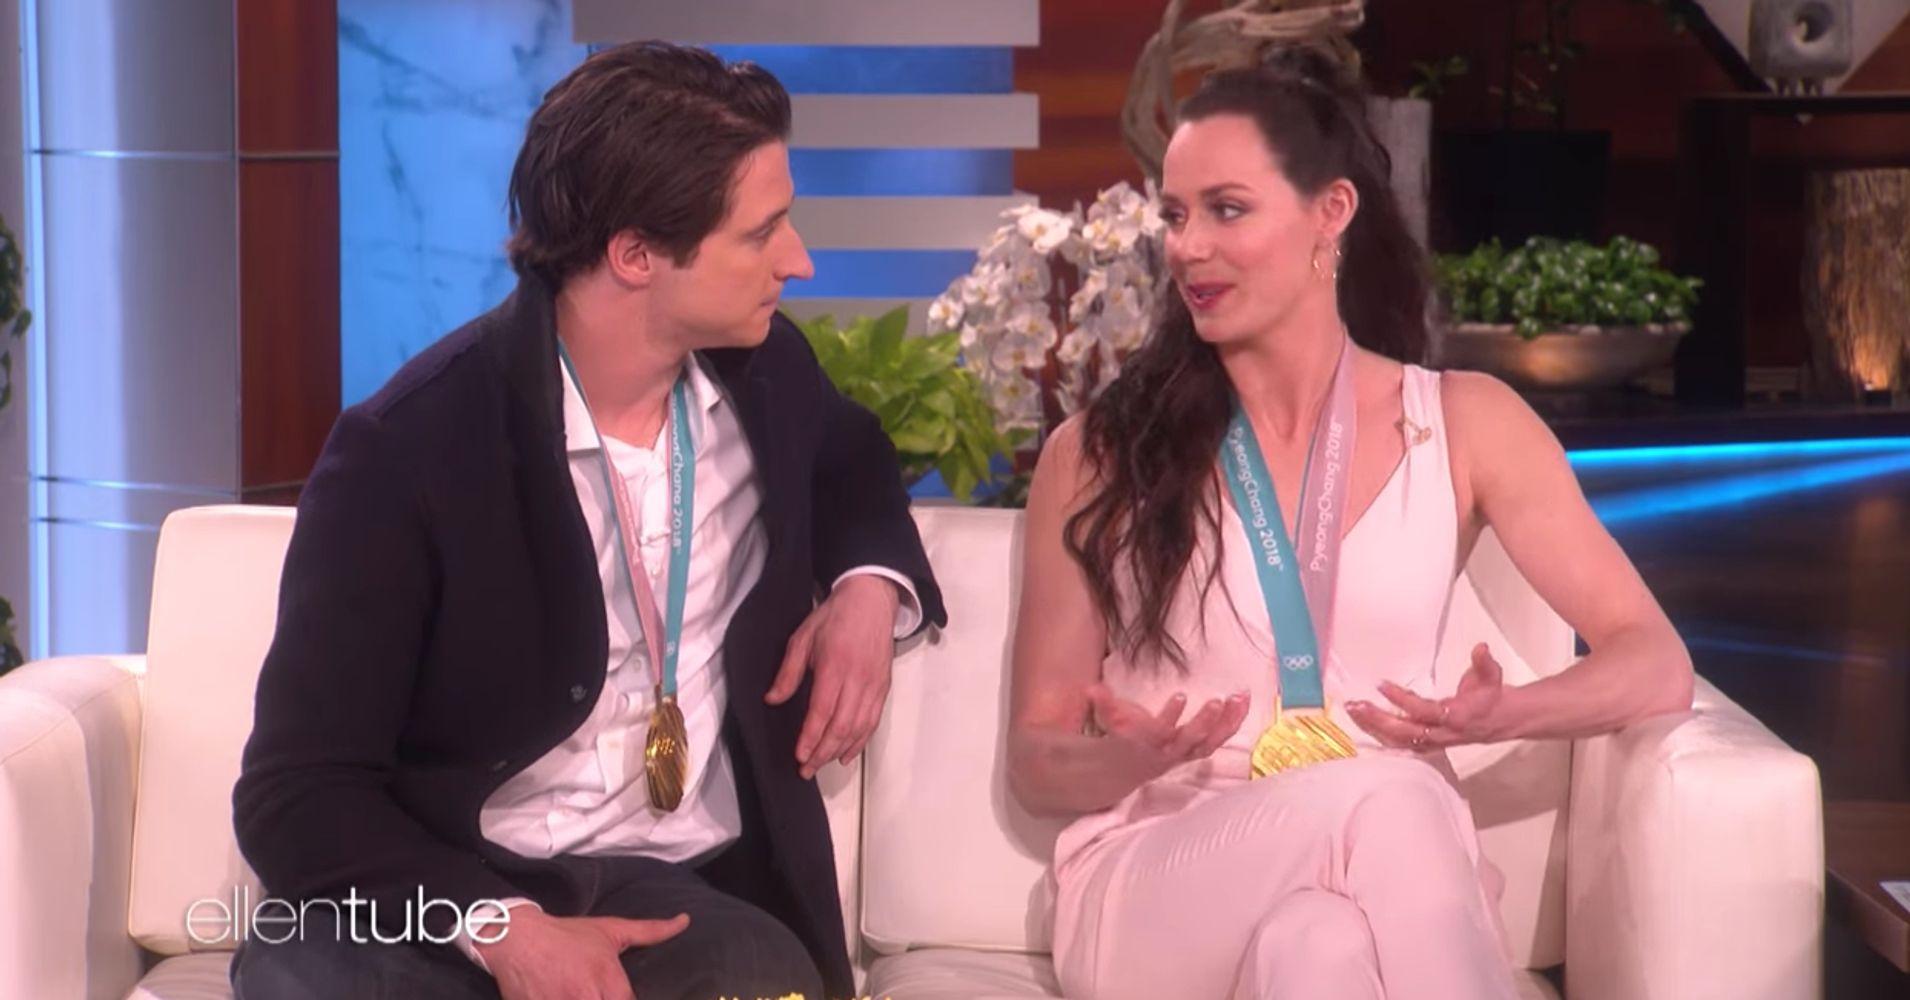 Ellen DeGeneres Has Tessa Virtue And Scott Moir Play 'Definitely Not Dating' Game